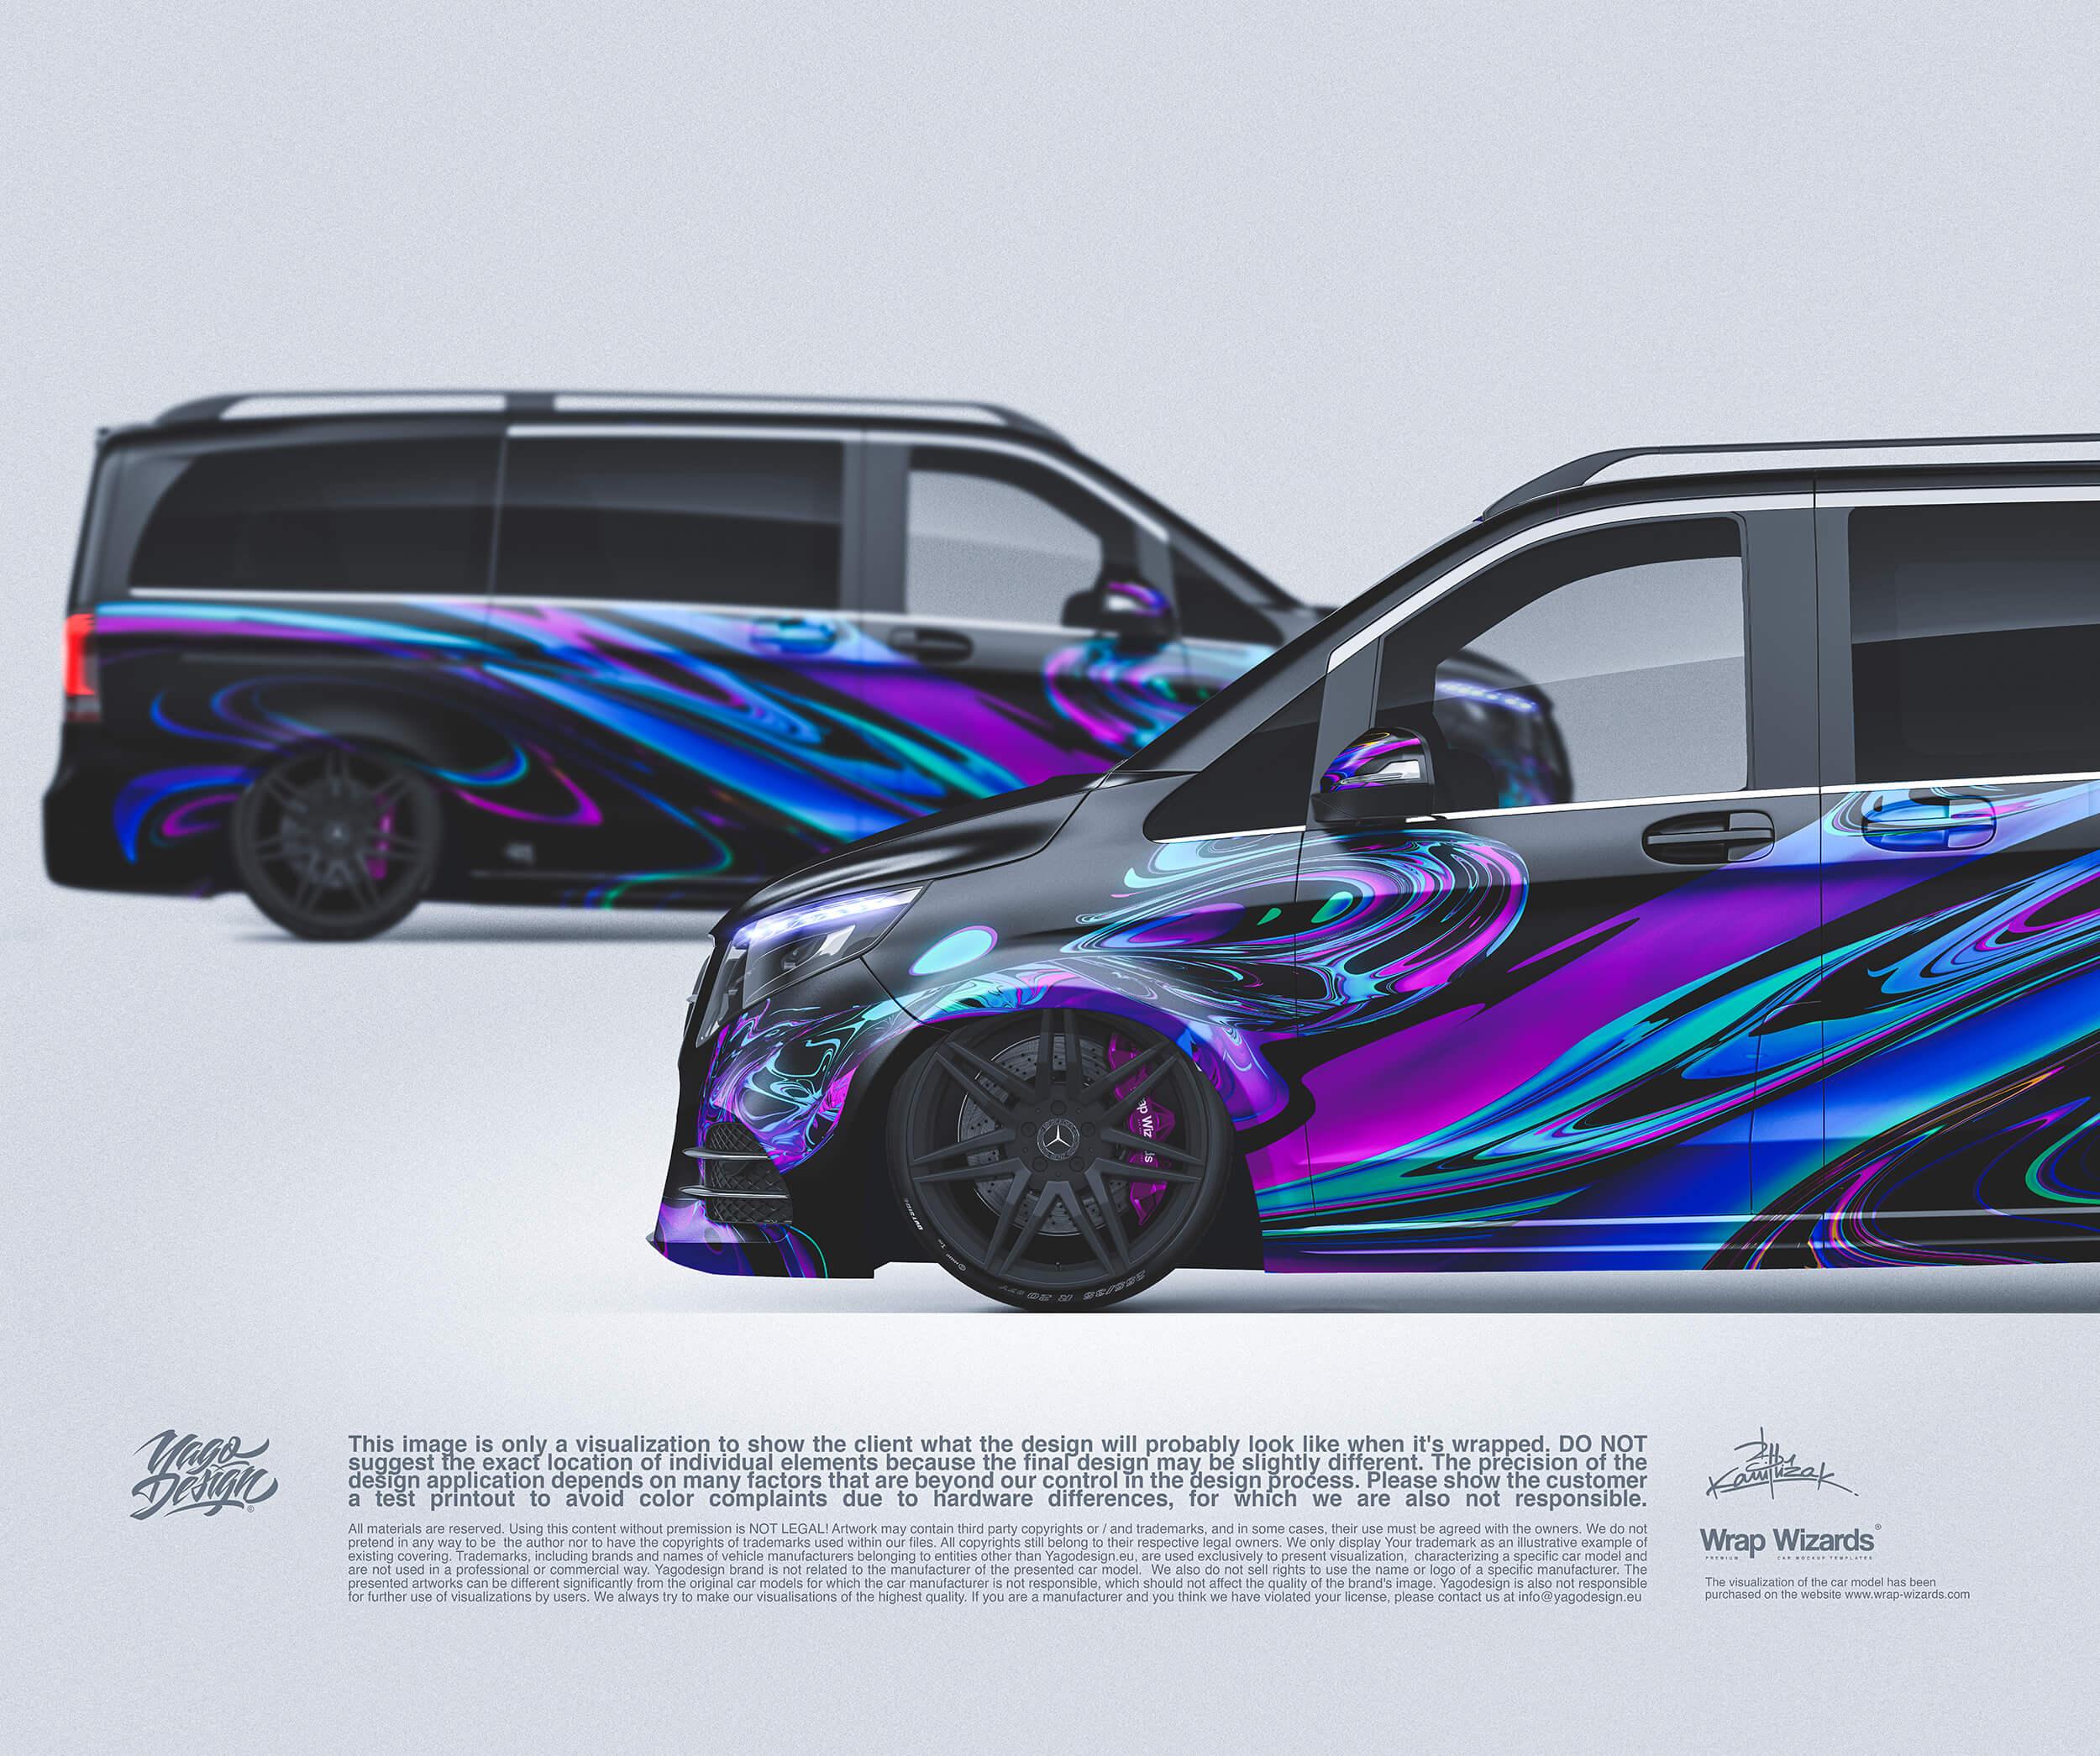 MercedesBenz Vclass sides